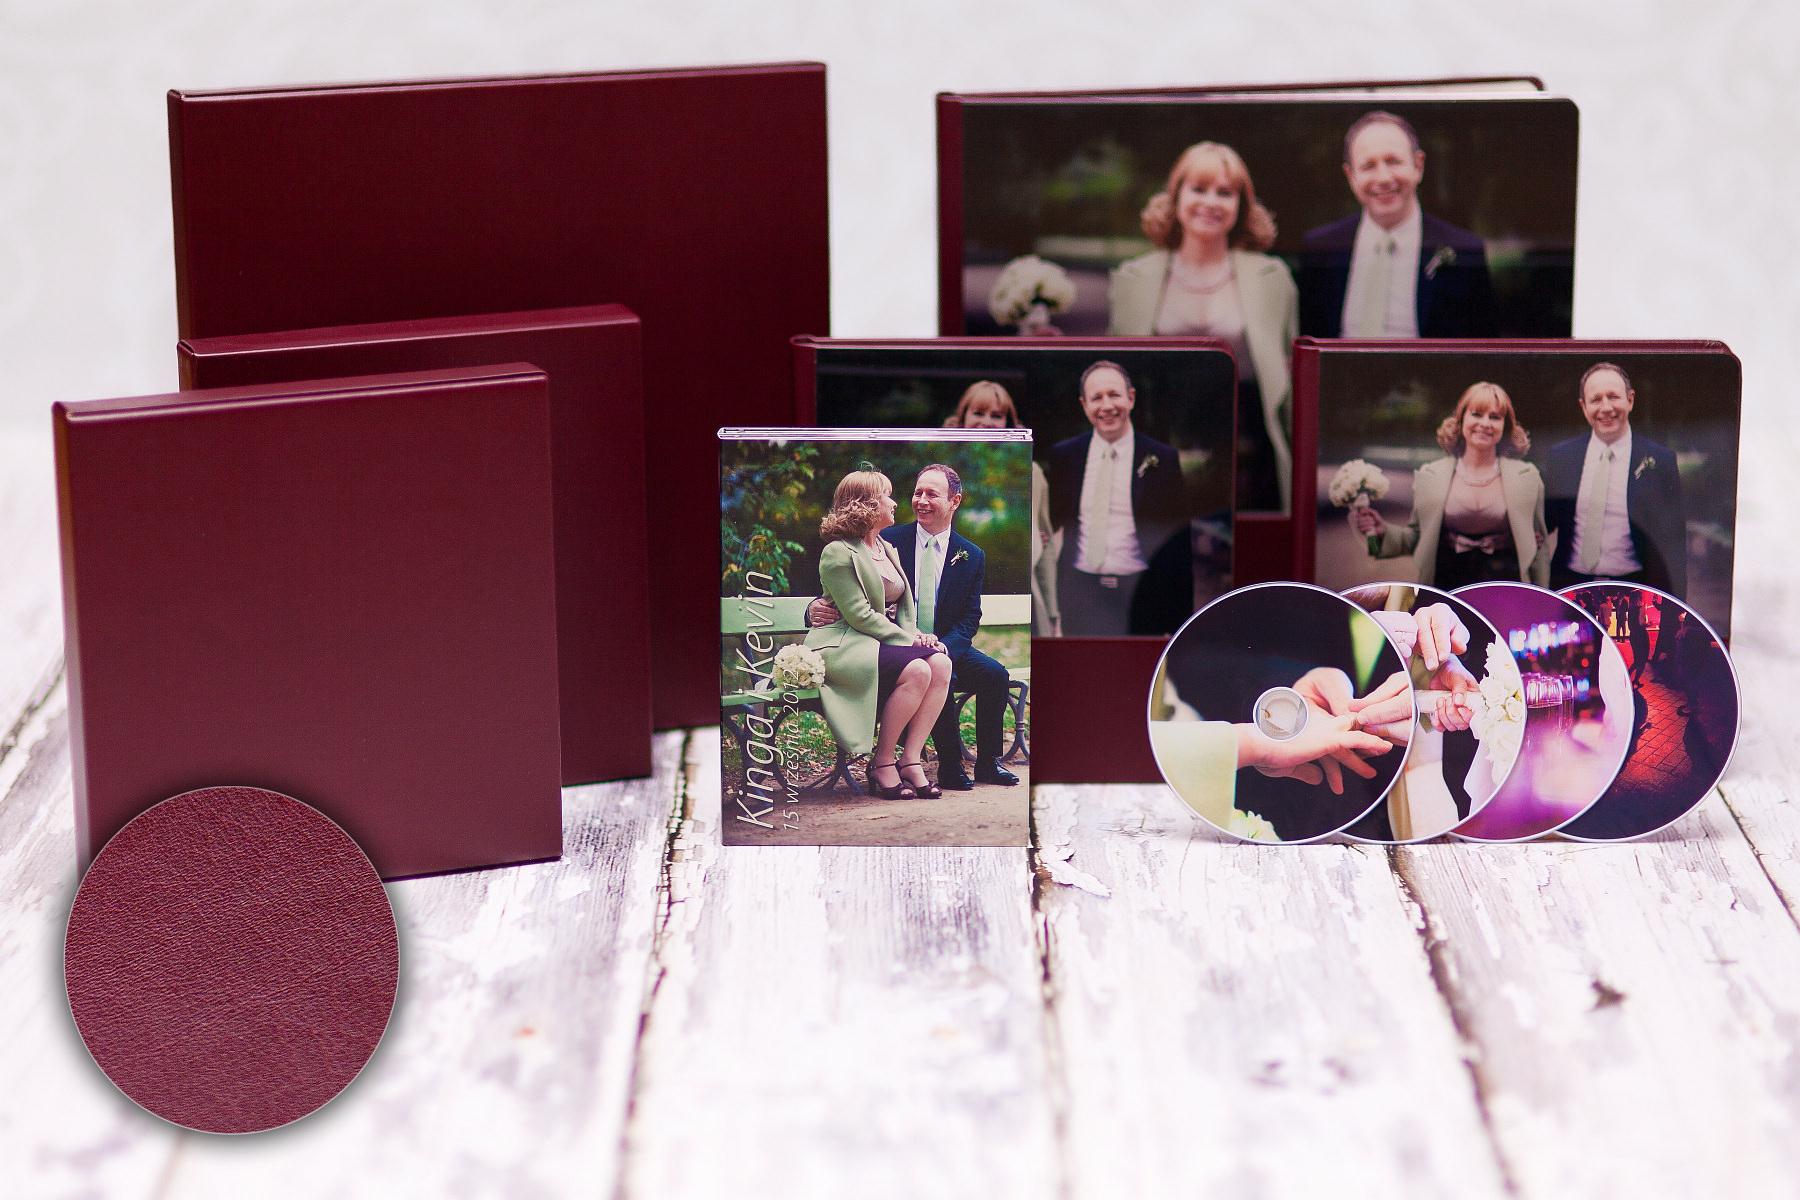 Fotoalbum 30×30, etui z ekoskóry w kolorze albumu; powiększony zestaw z etui na DVD i płytami z nadrukiem. Kinga & Kevin.